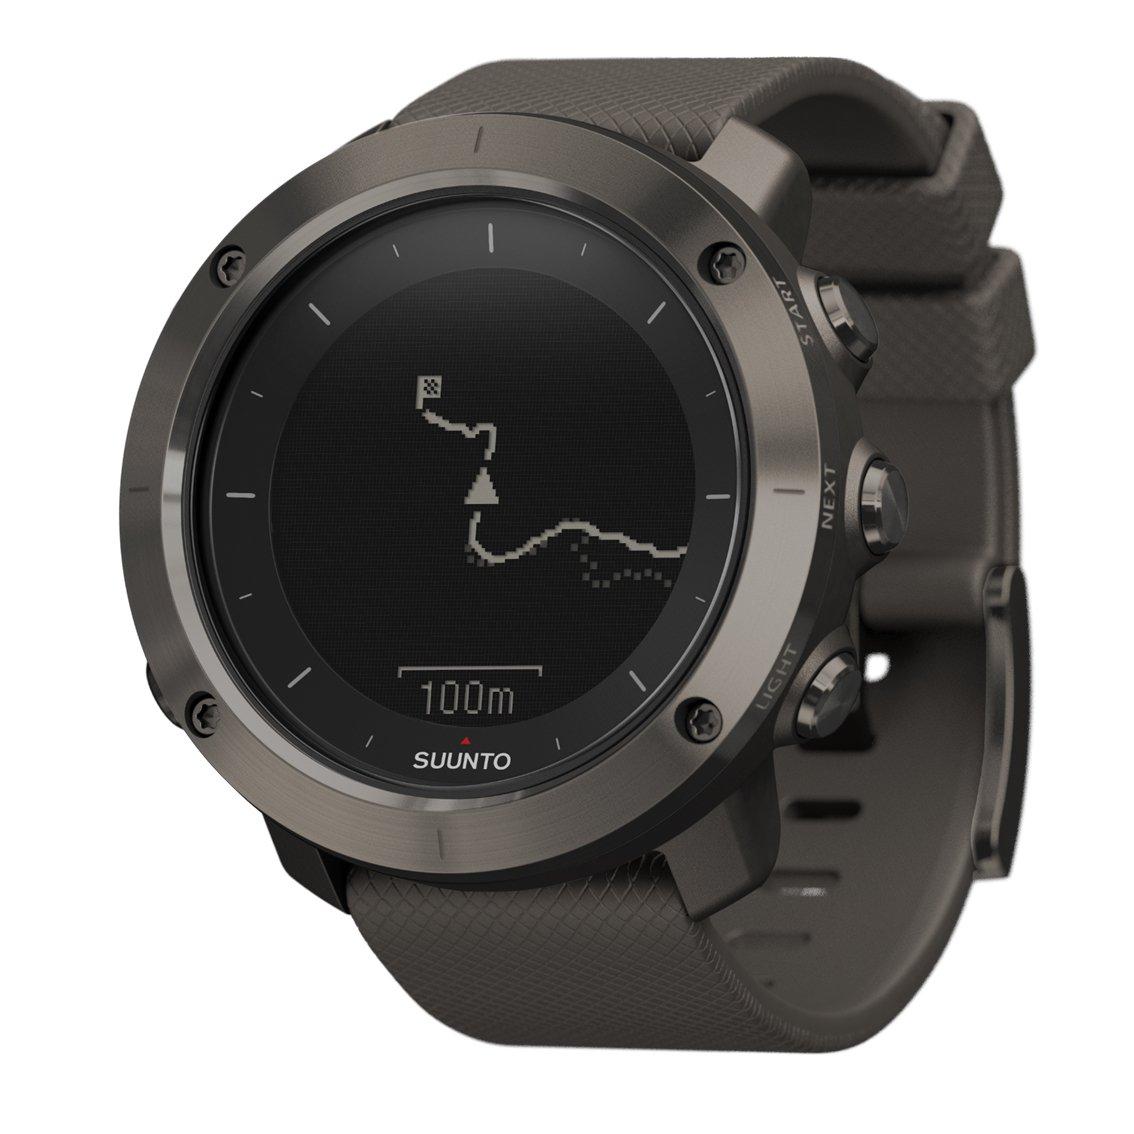 SUUNTO TRAVERSE (スント トラバース) スマートウォッチ GPS 登山 気圧計 [日本正規品] B017O0XHJ4 グラファイト グラファイト